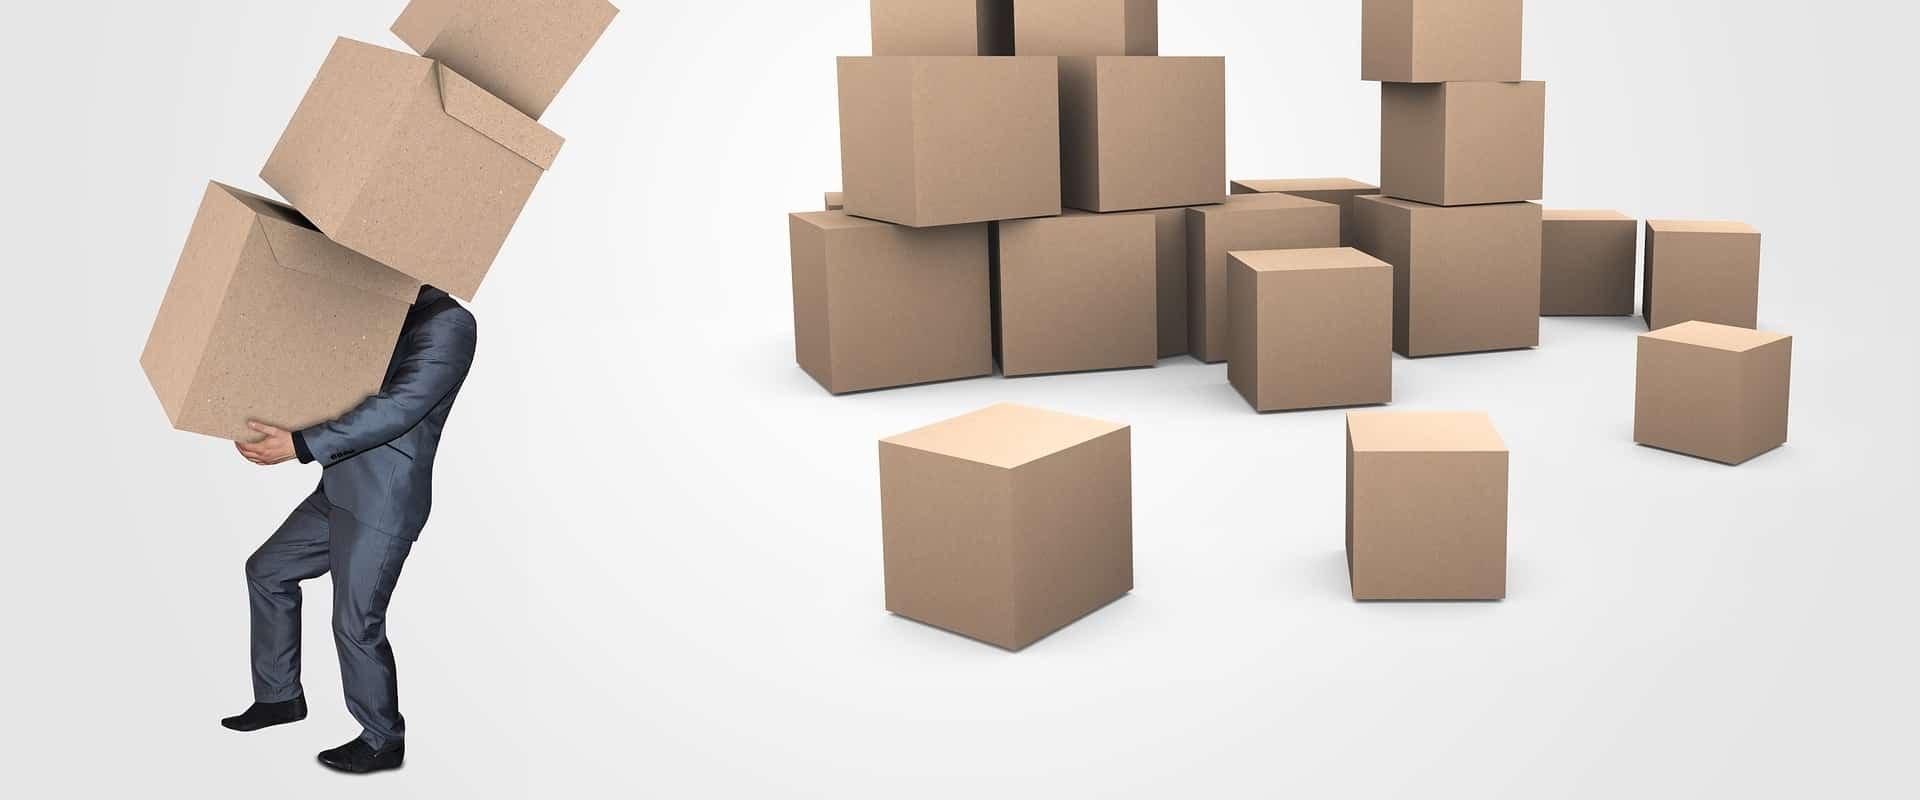 COSYS Paket Inhouse führt Sendungsverfolgung im Großhandel ein